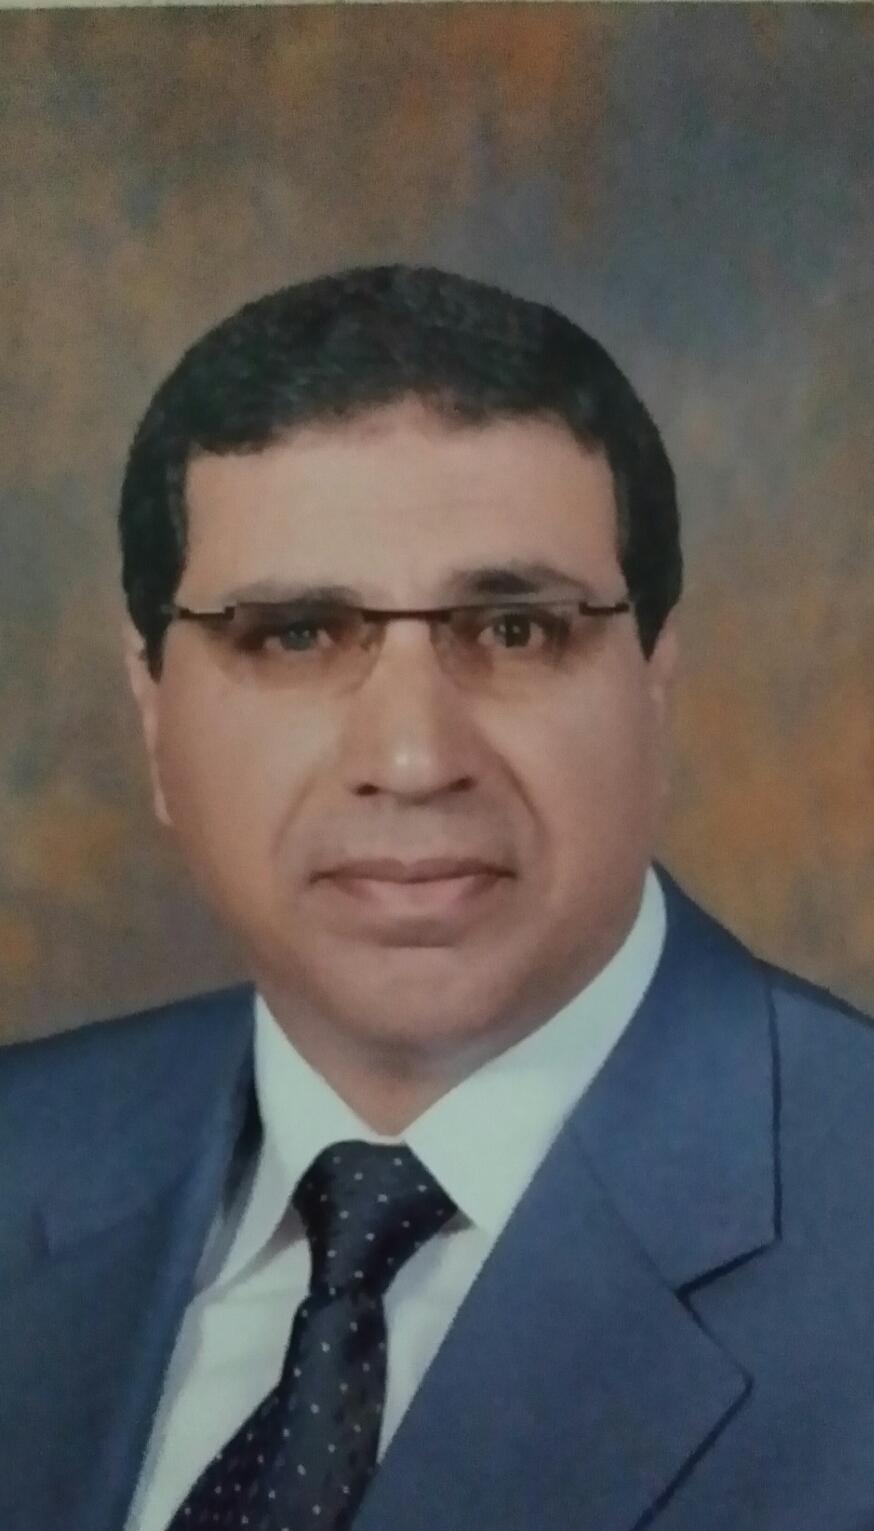 Gamal mohamed abdelrahman elsayed